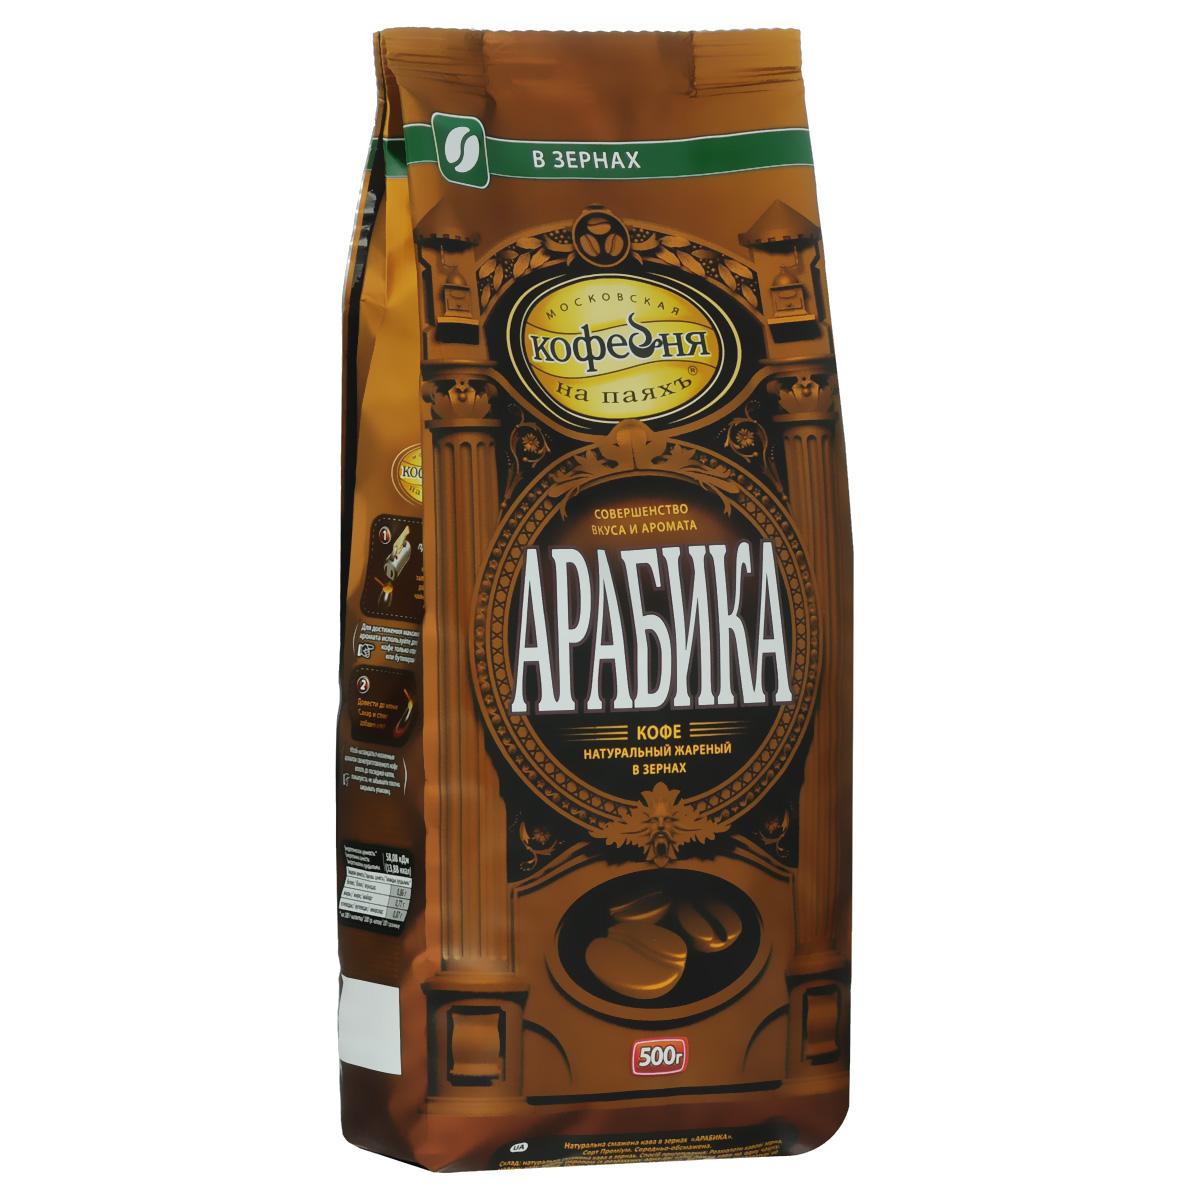 купить Московская кофейня на паяхъ Арабика кофе в зернах, 500 г недорого